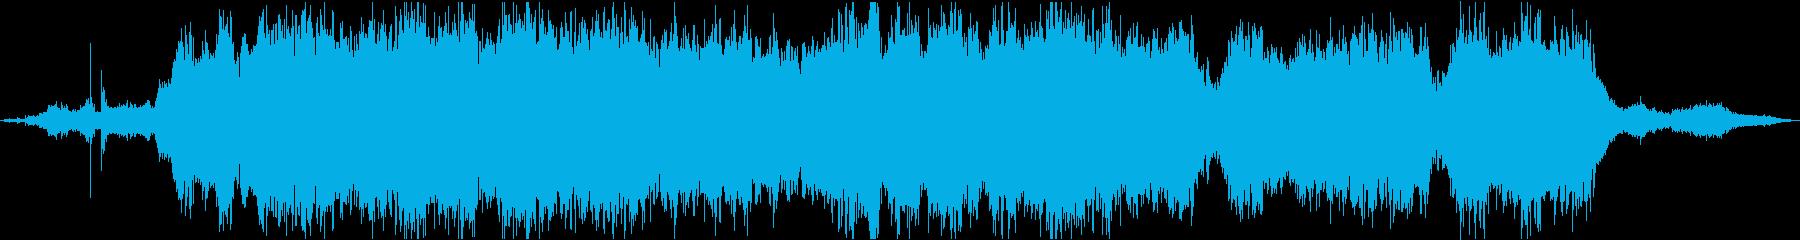 波の音とストリングスの癒し系BGMの再生済みの波形